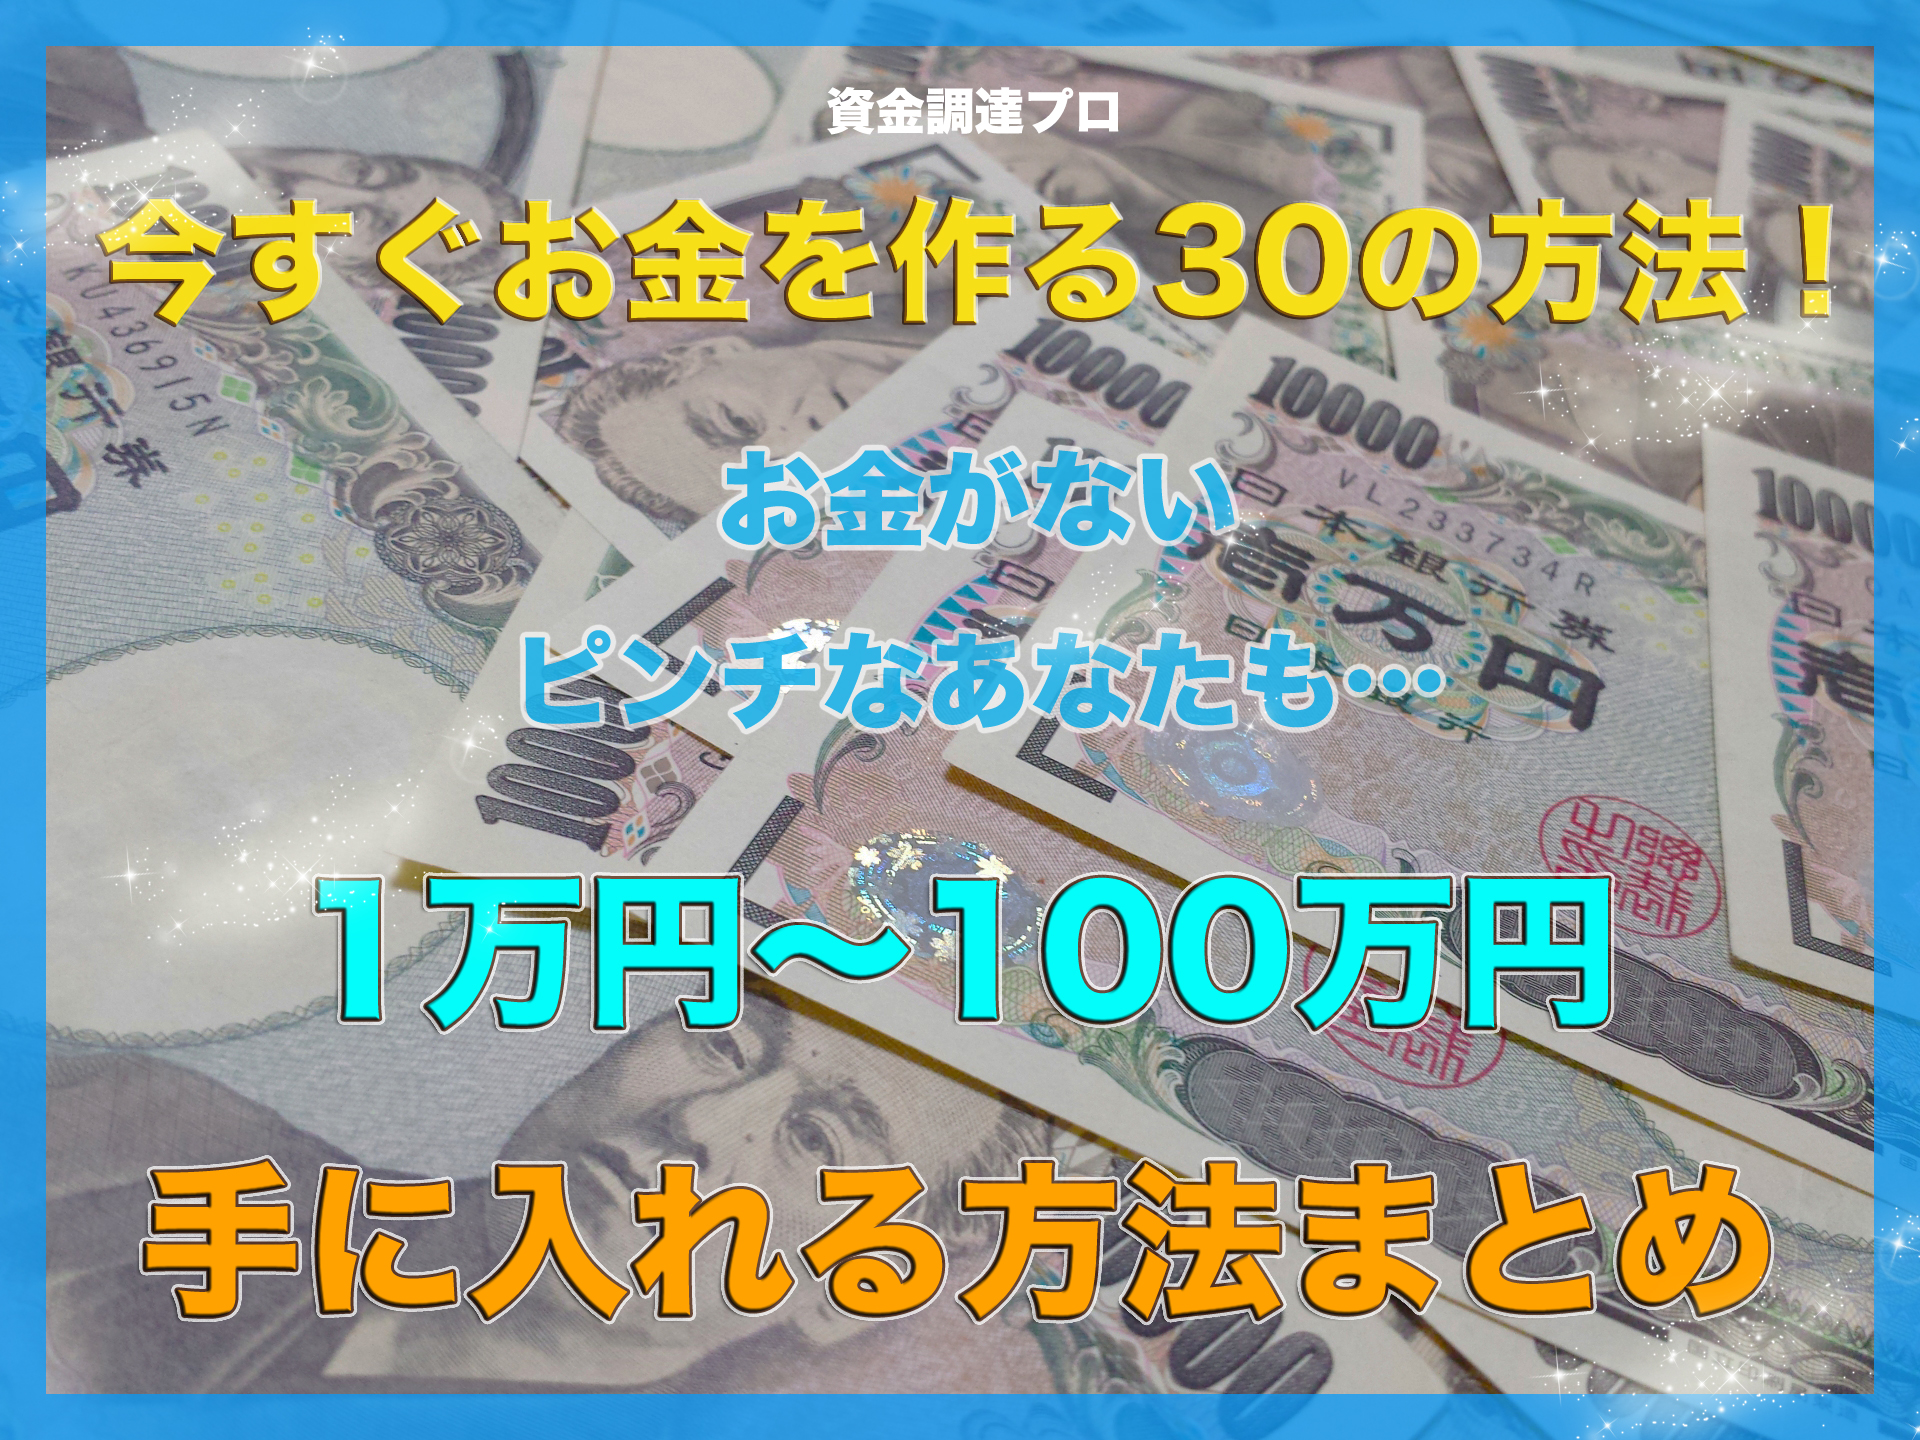 【最新2019】今すぐお金を作る30の方法!お金がないピンチなあなたも1万円10万円50万円100万円が手に入る!